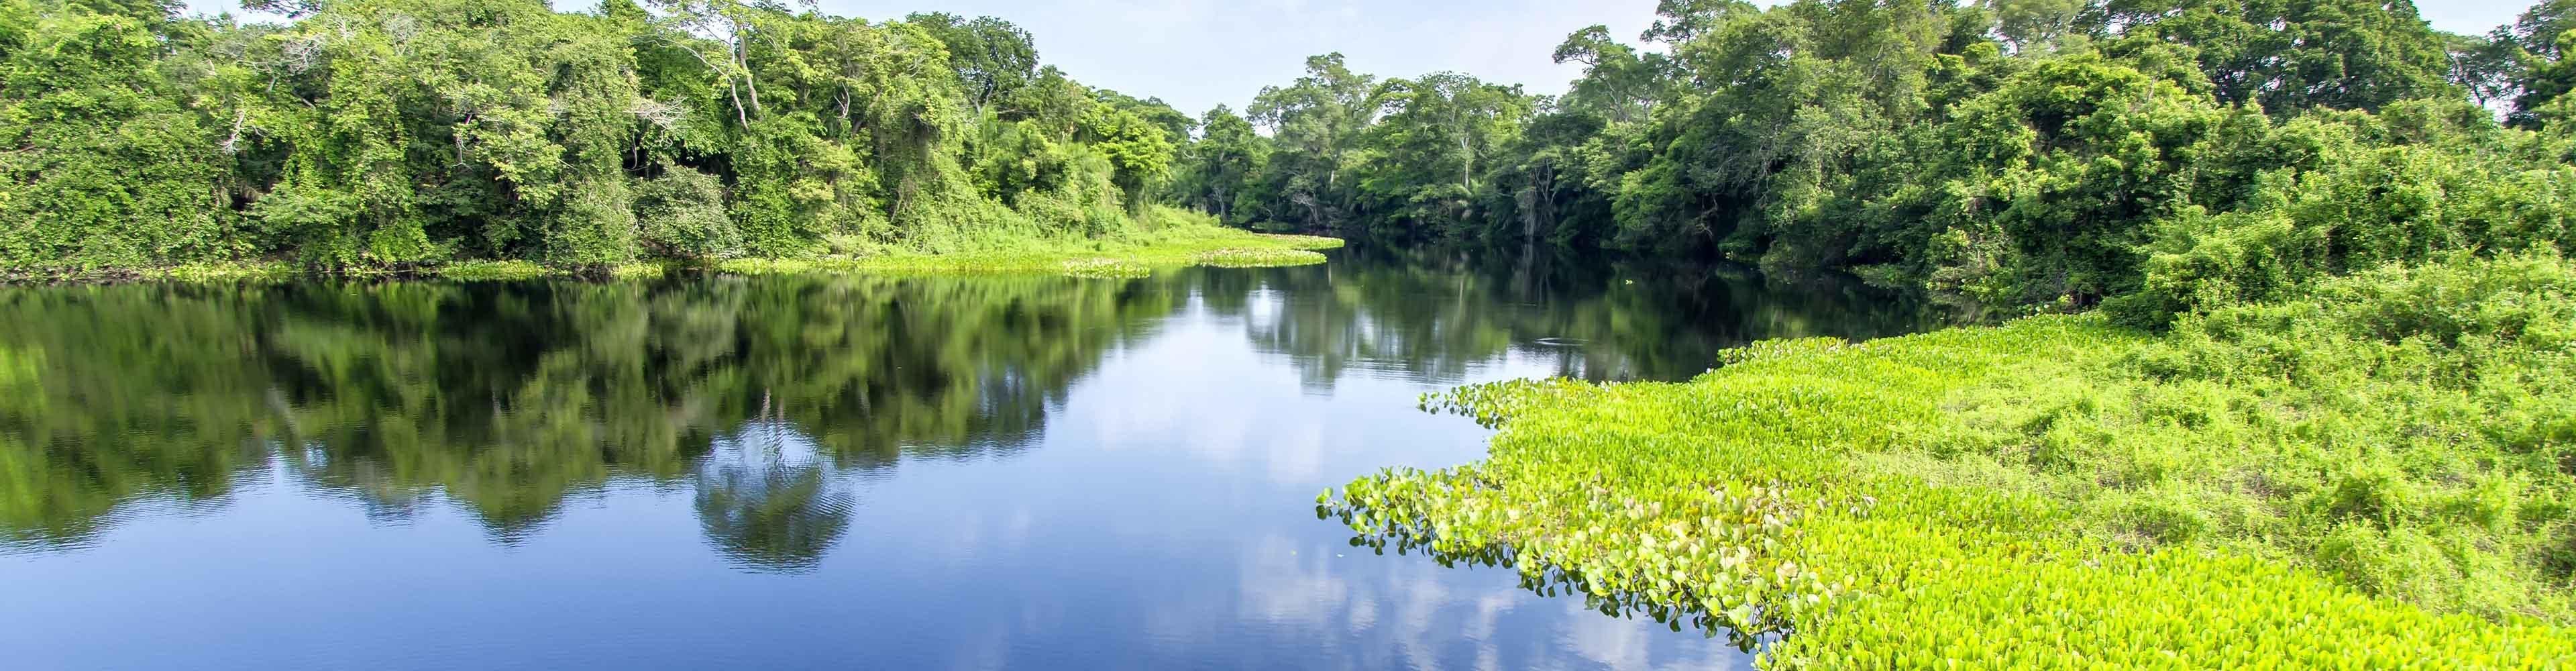 Brazil Pantanal Experience – Independent